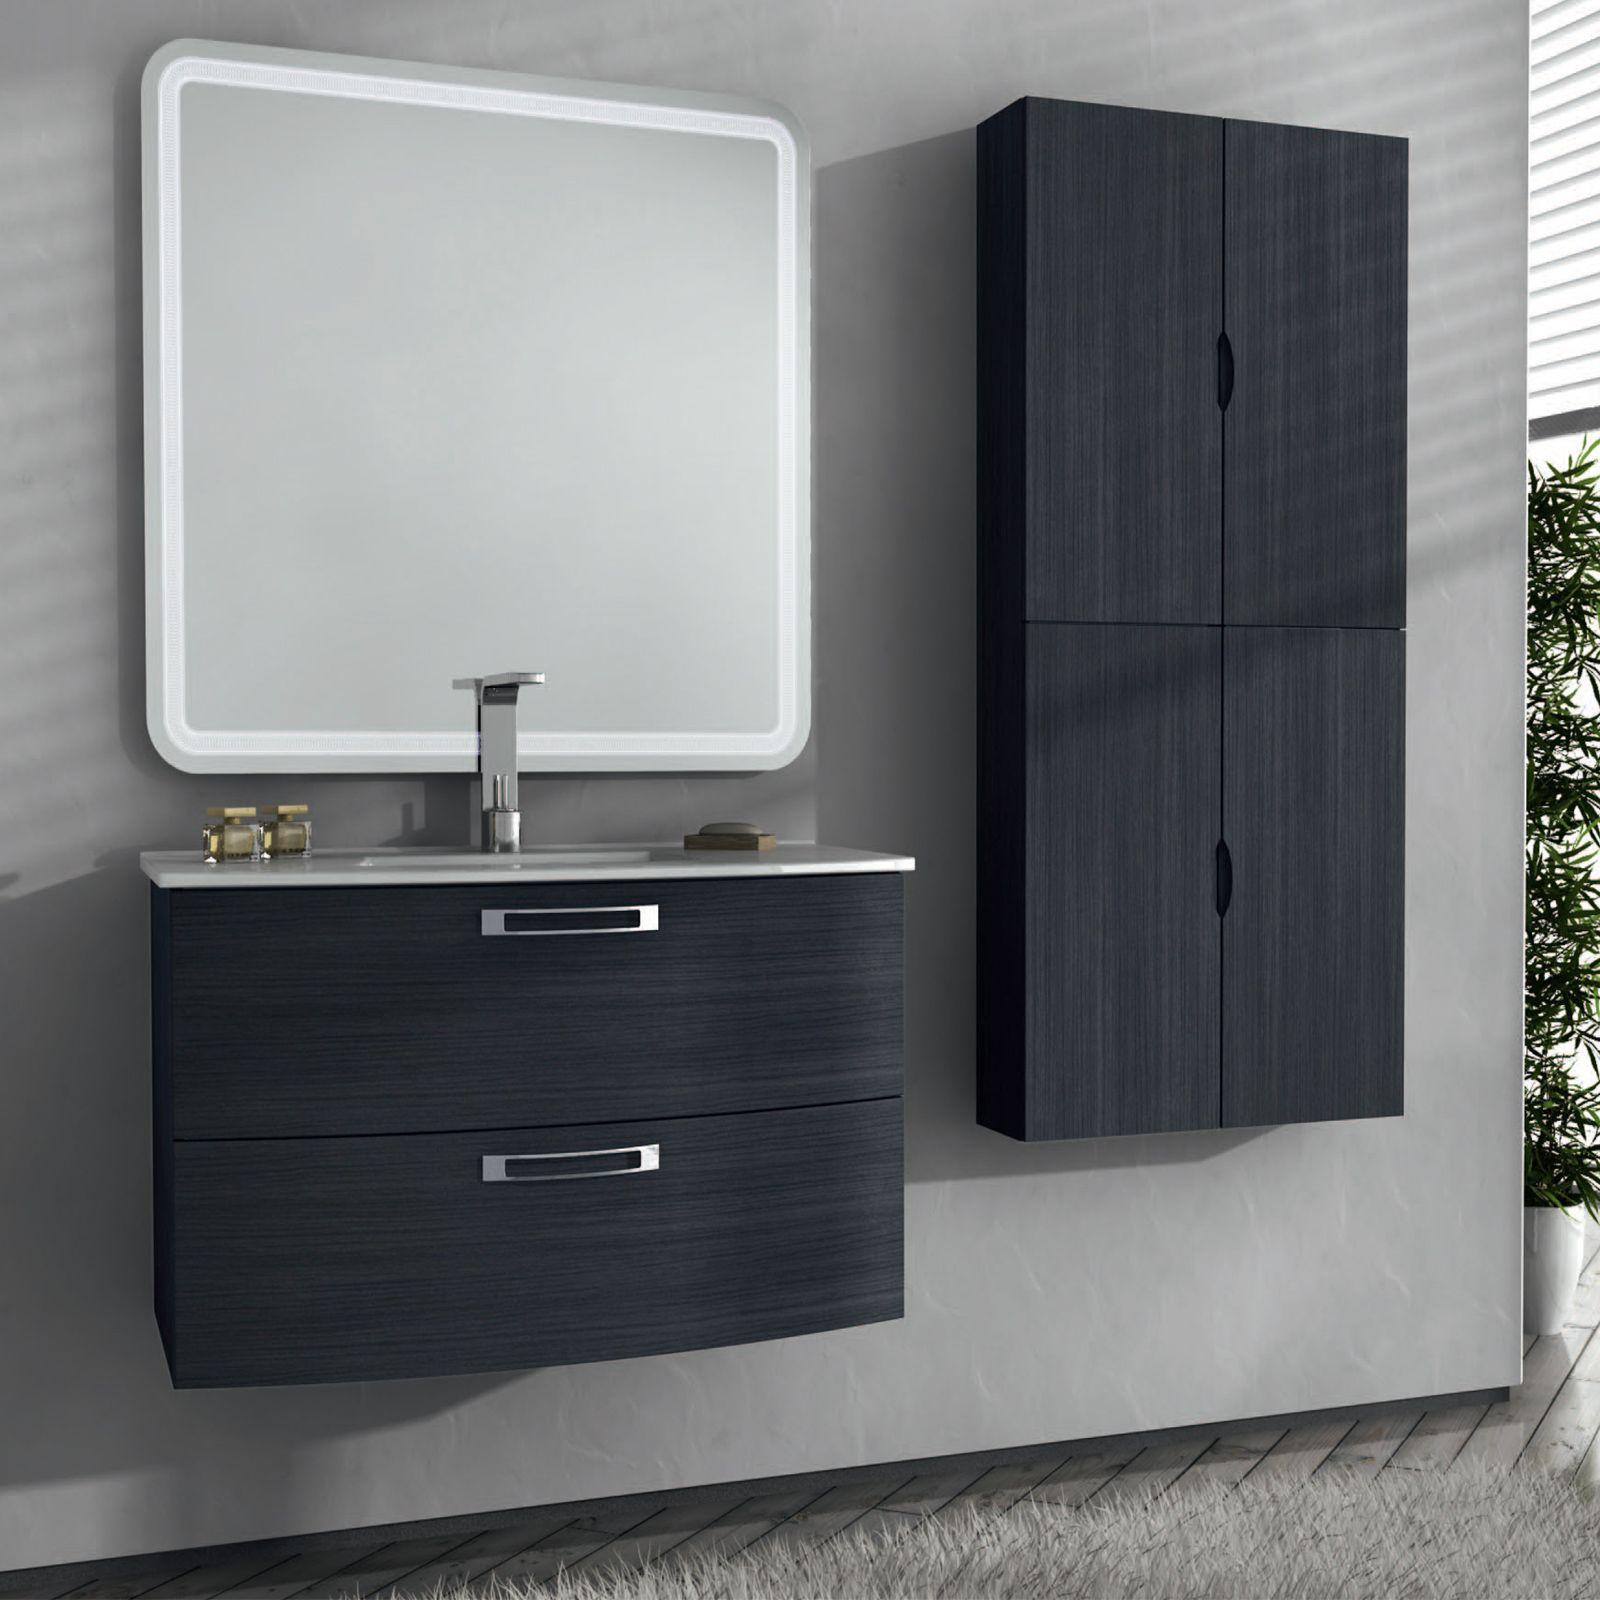 Arredo bagno moderno converse in vari colori bh - Mobile bagno moderno ...